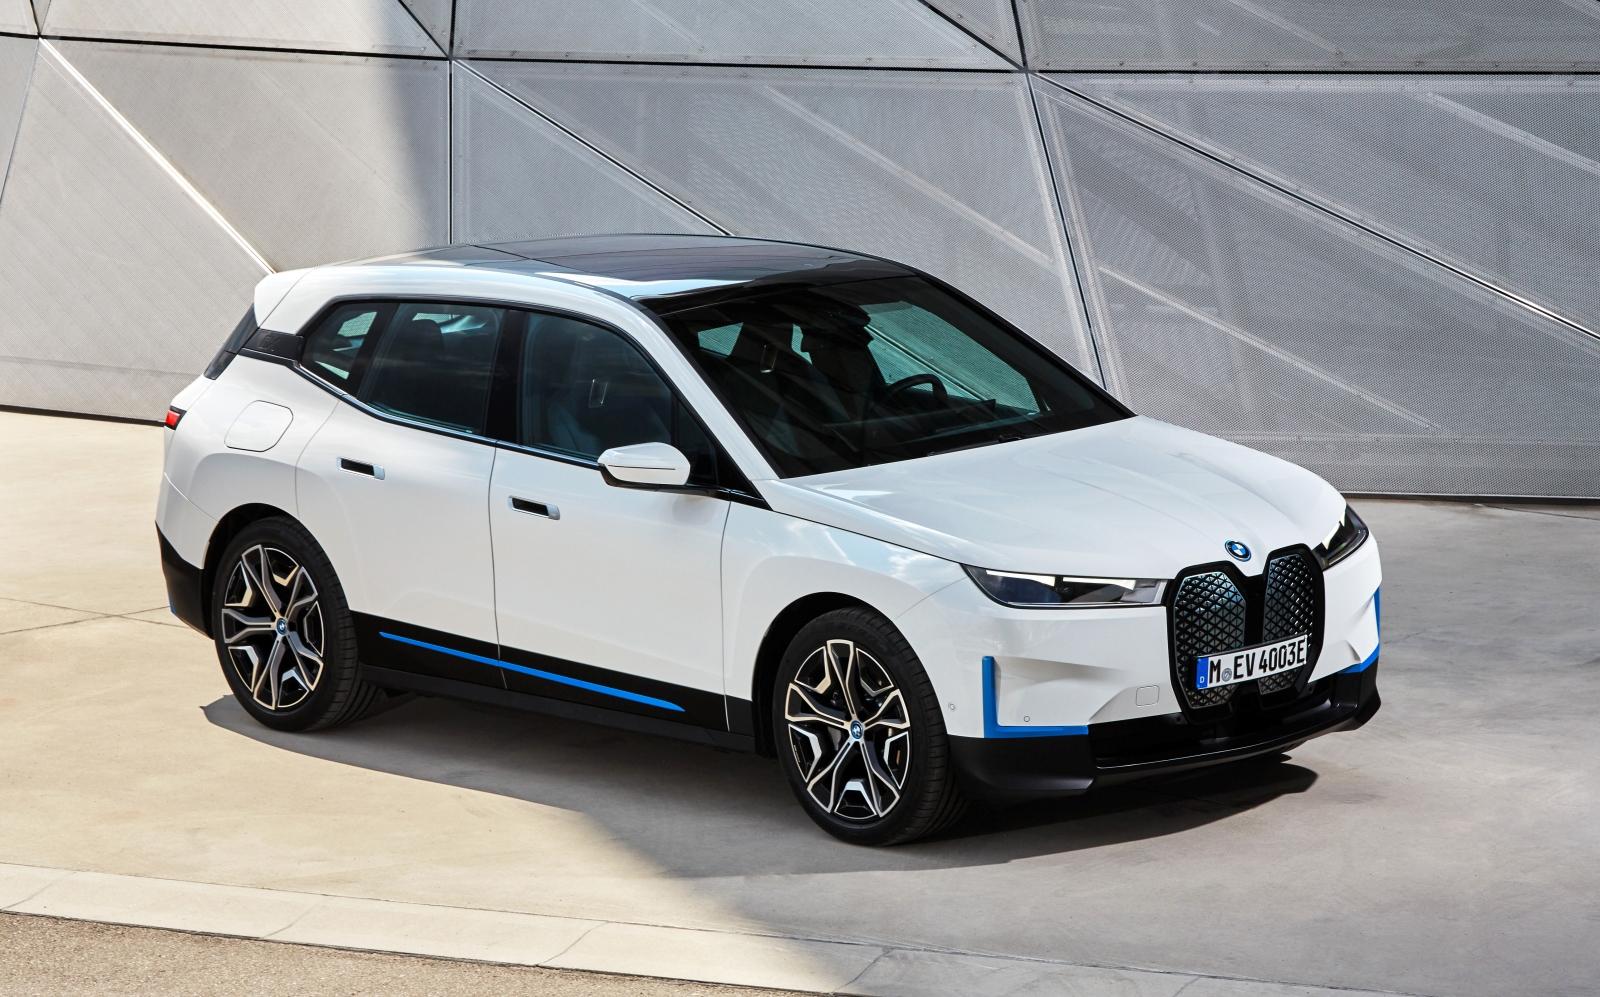 316 萬元起!BMW 全新純電休旅 iX 正式預售